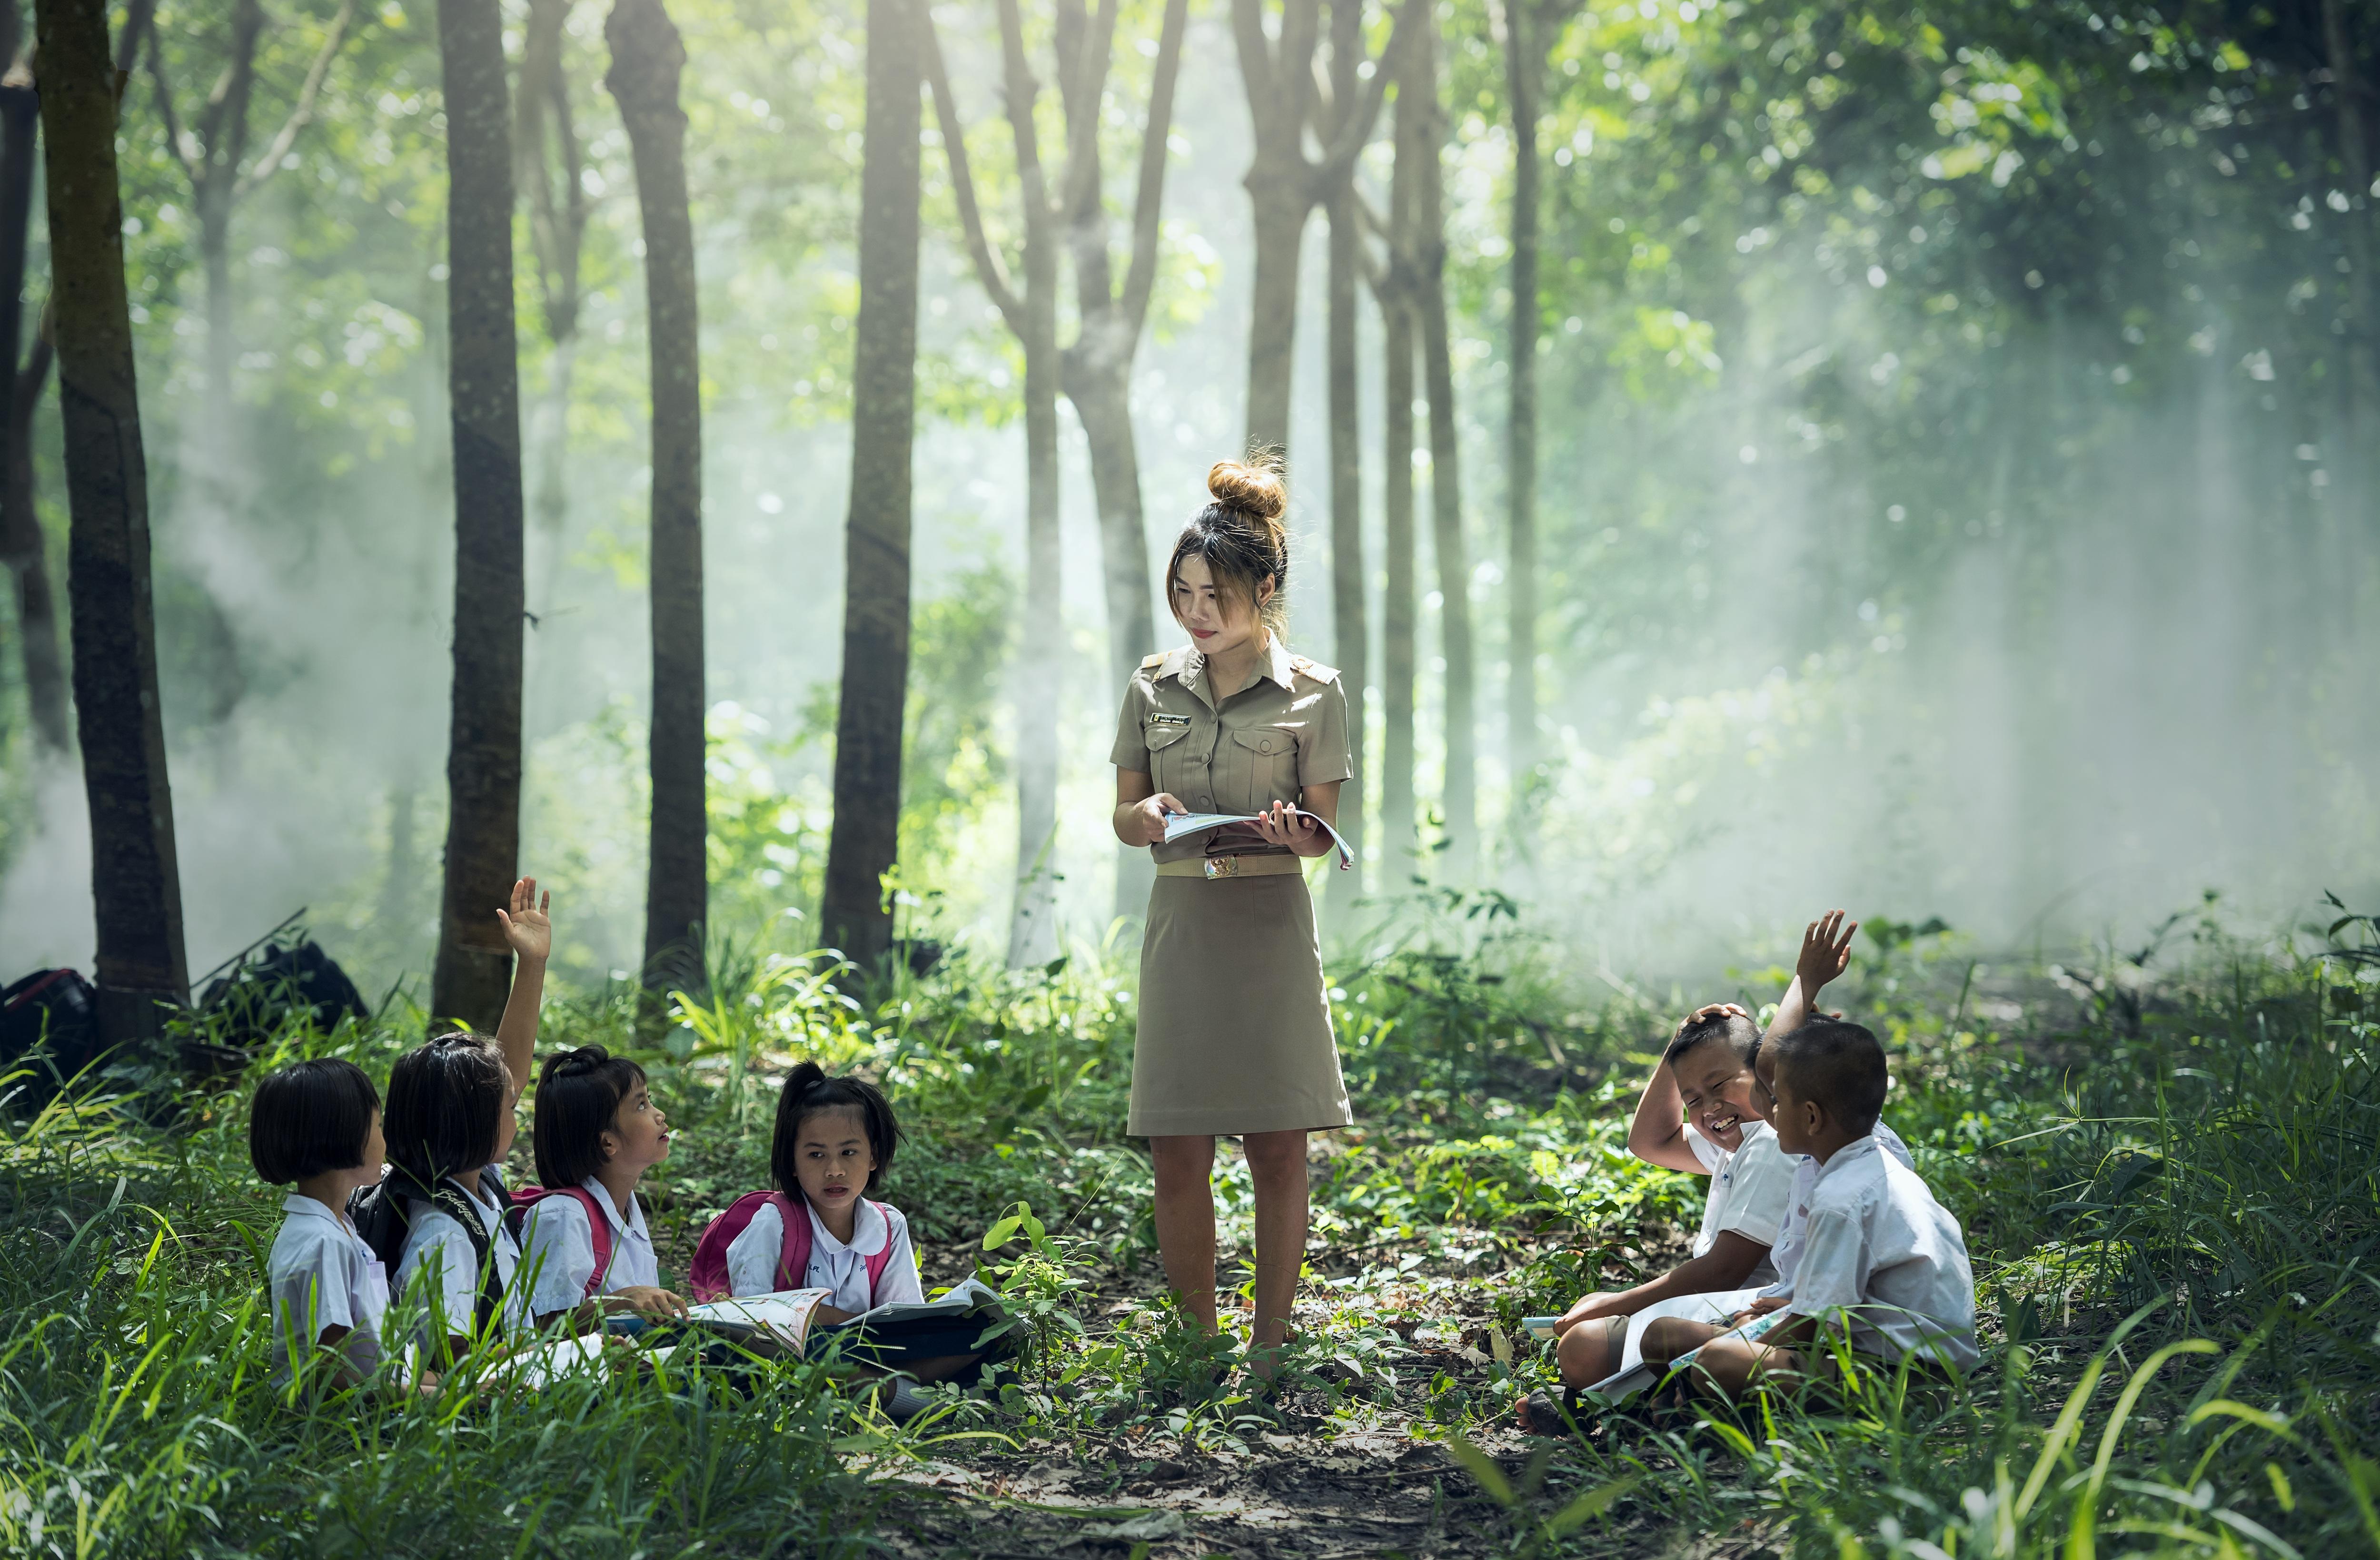 Fotografía que ilustra la noticia de salud de Alebat Education sobre ¿Qué harían los niños para mejorar la educación?